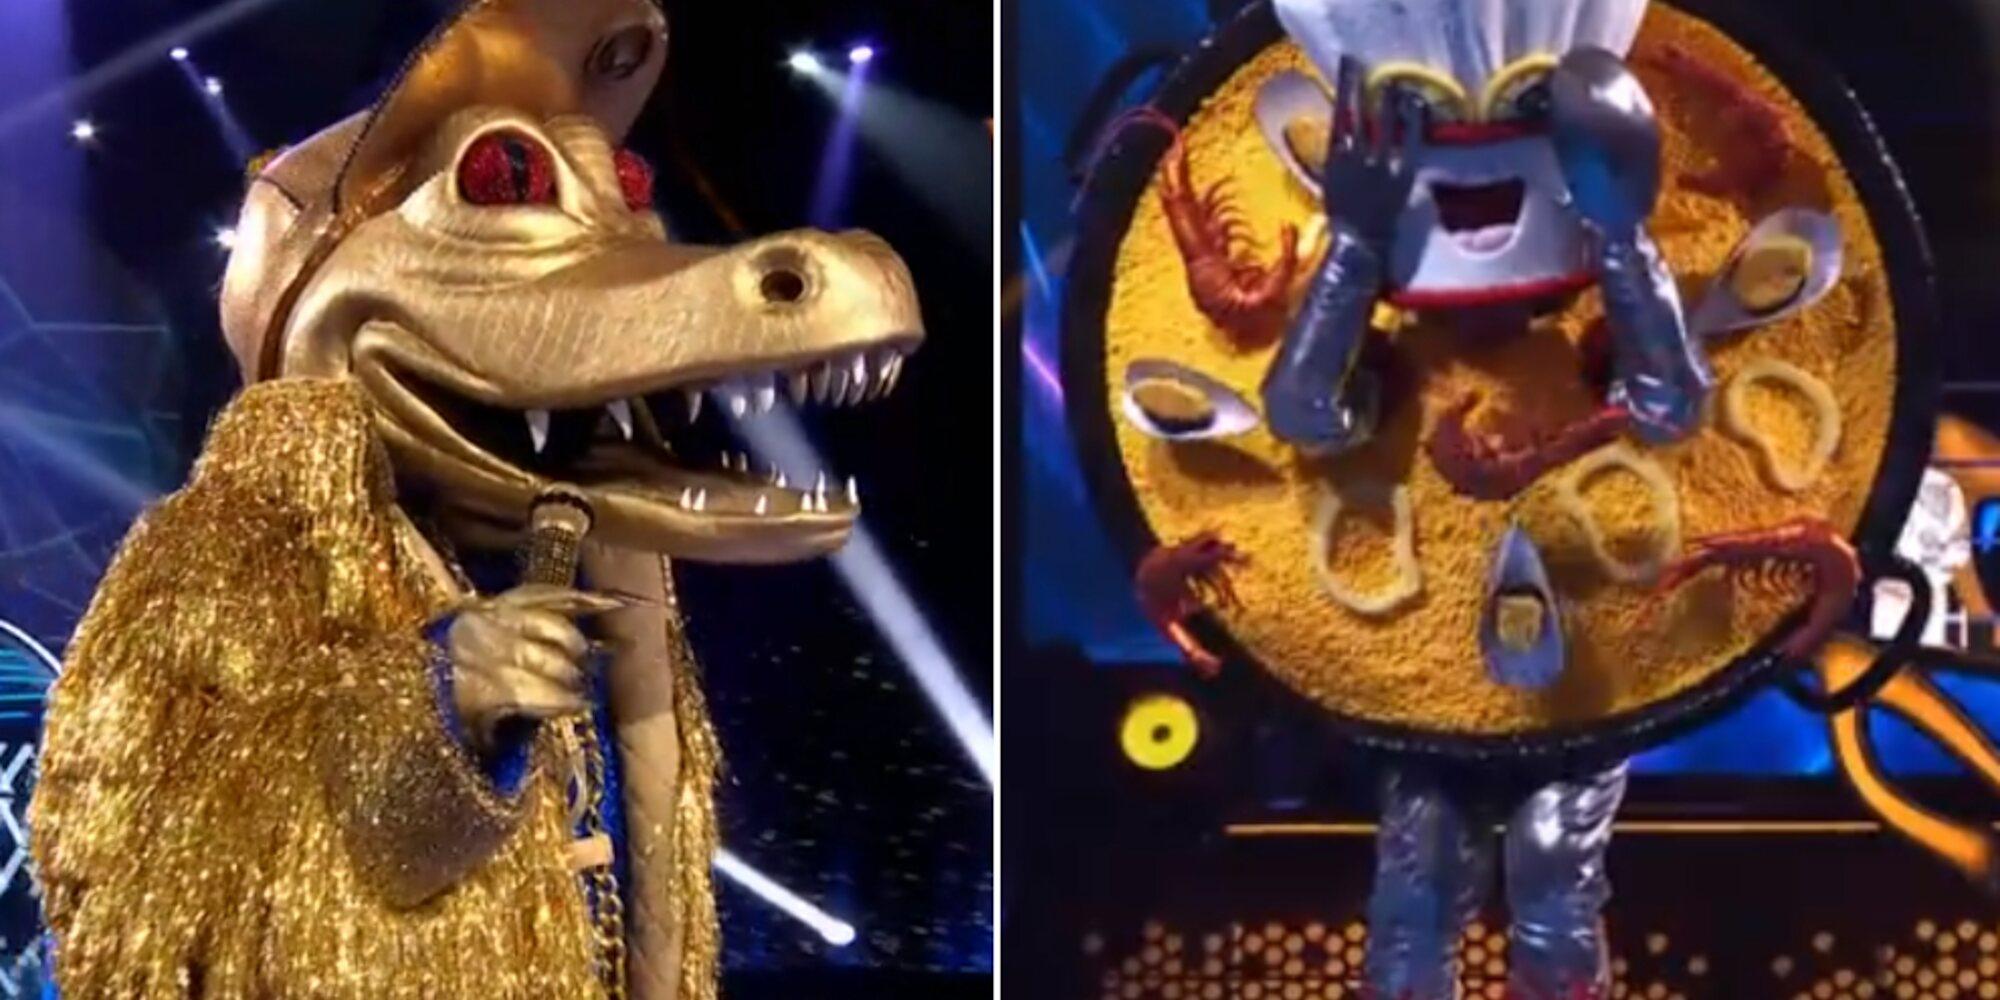 Bertín Osborne y Ainhoa Arteta, bajo las máscaras de Cocodrilo y Paella en 'Mask Singer'